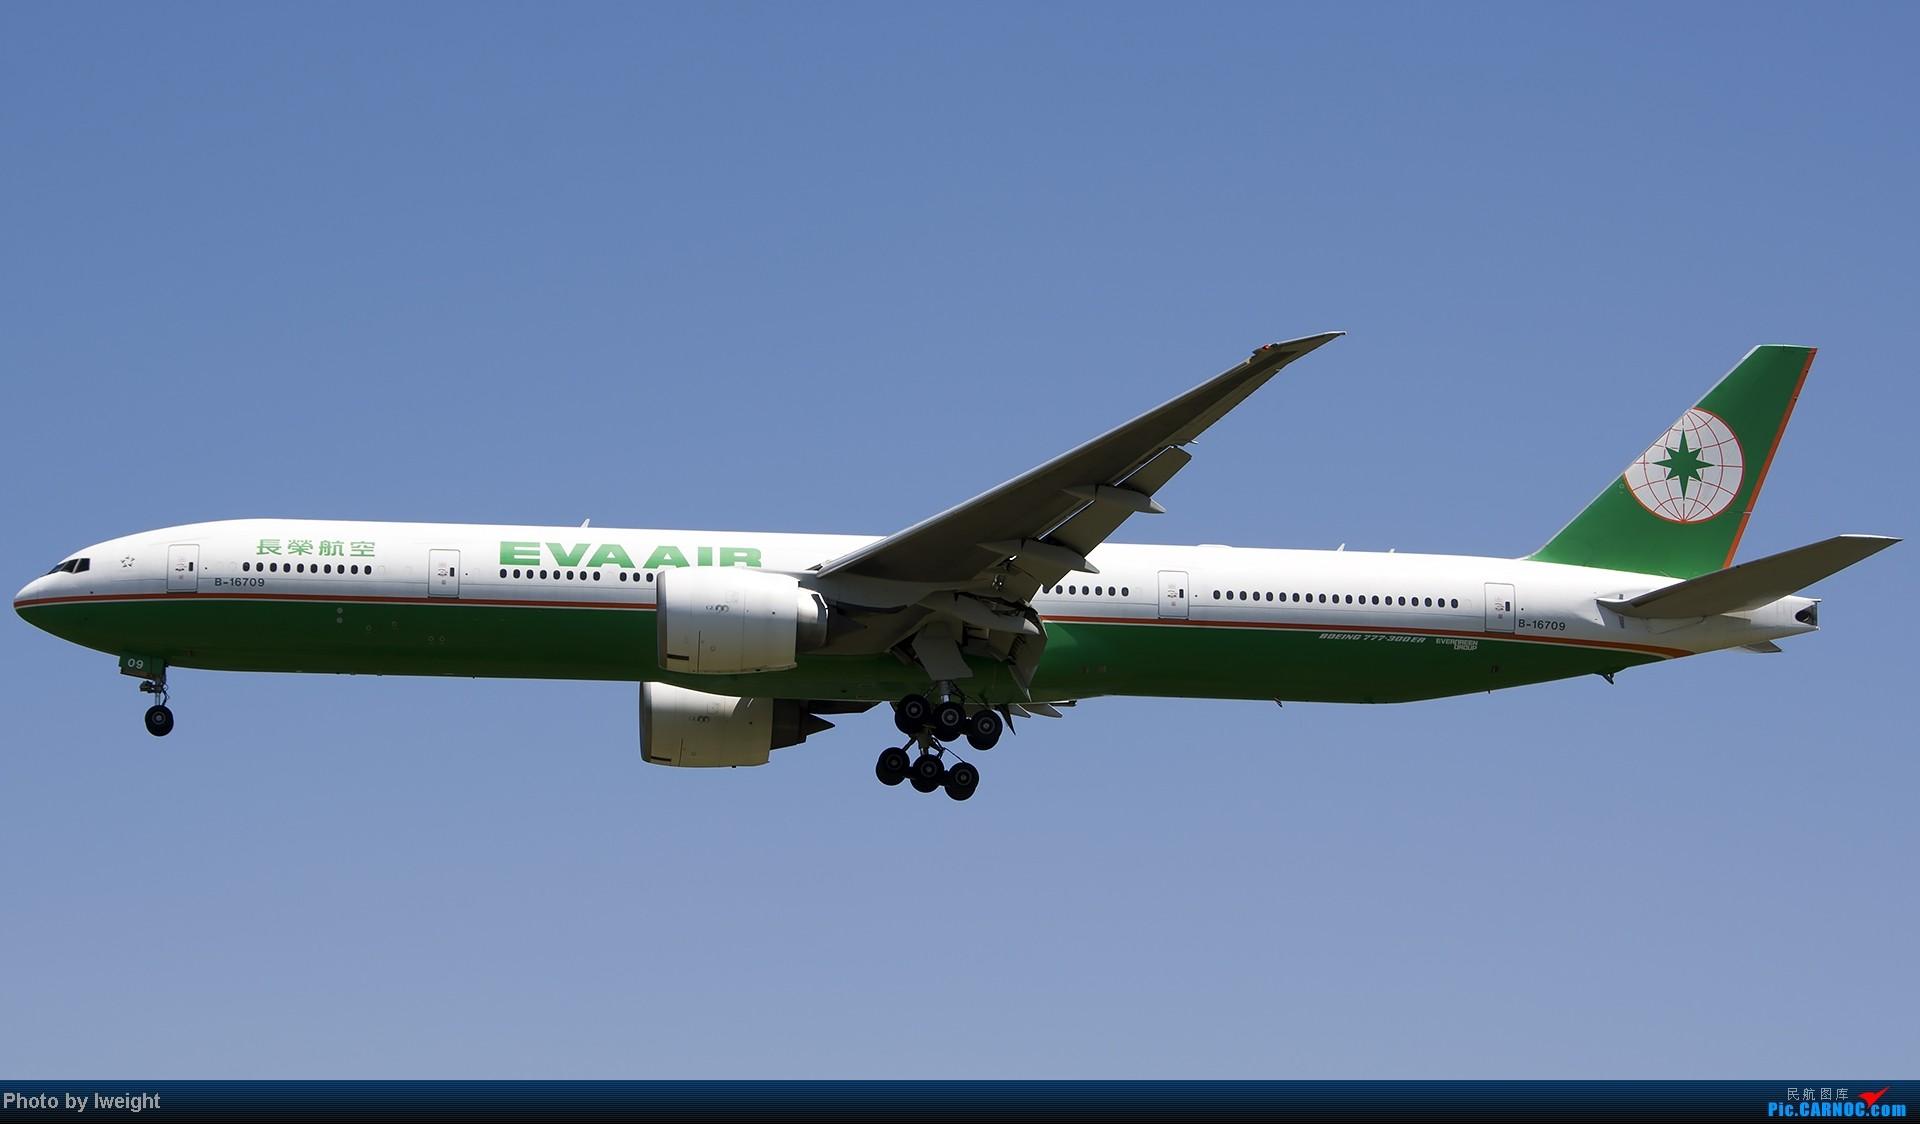 Re:[原创]酷暑周末拍遍PEK三条跑道,收获众多常见机型 BOEING 777-300 B-16709 中国北京首都机场